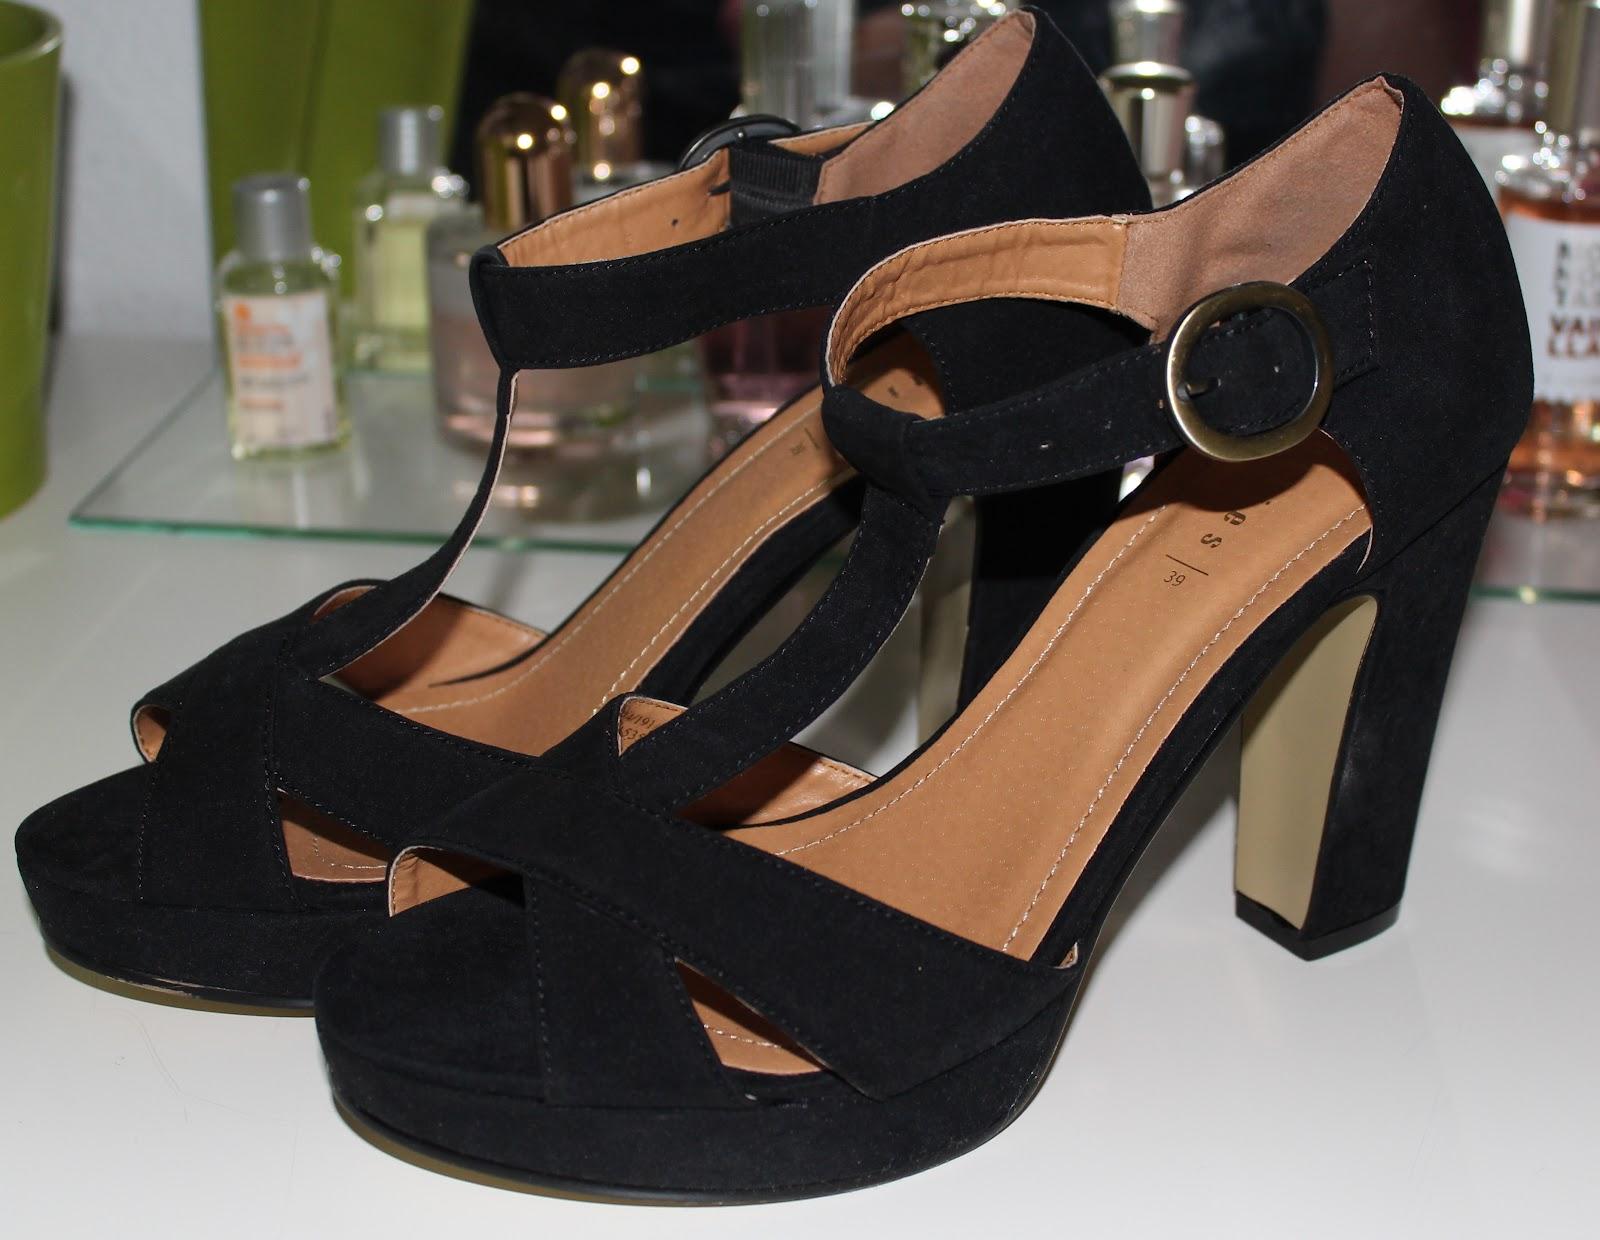 0677f9105cd Y di con la sandalia más o menos que tenía en mente...Unas sandalias negras  de tacón